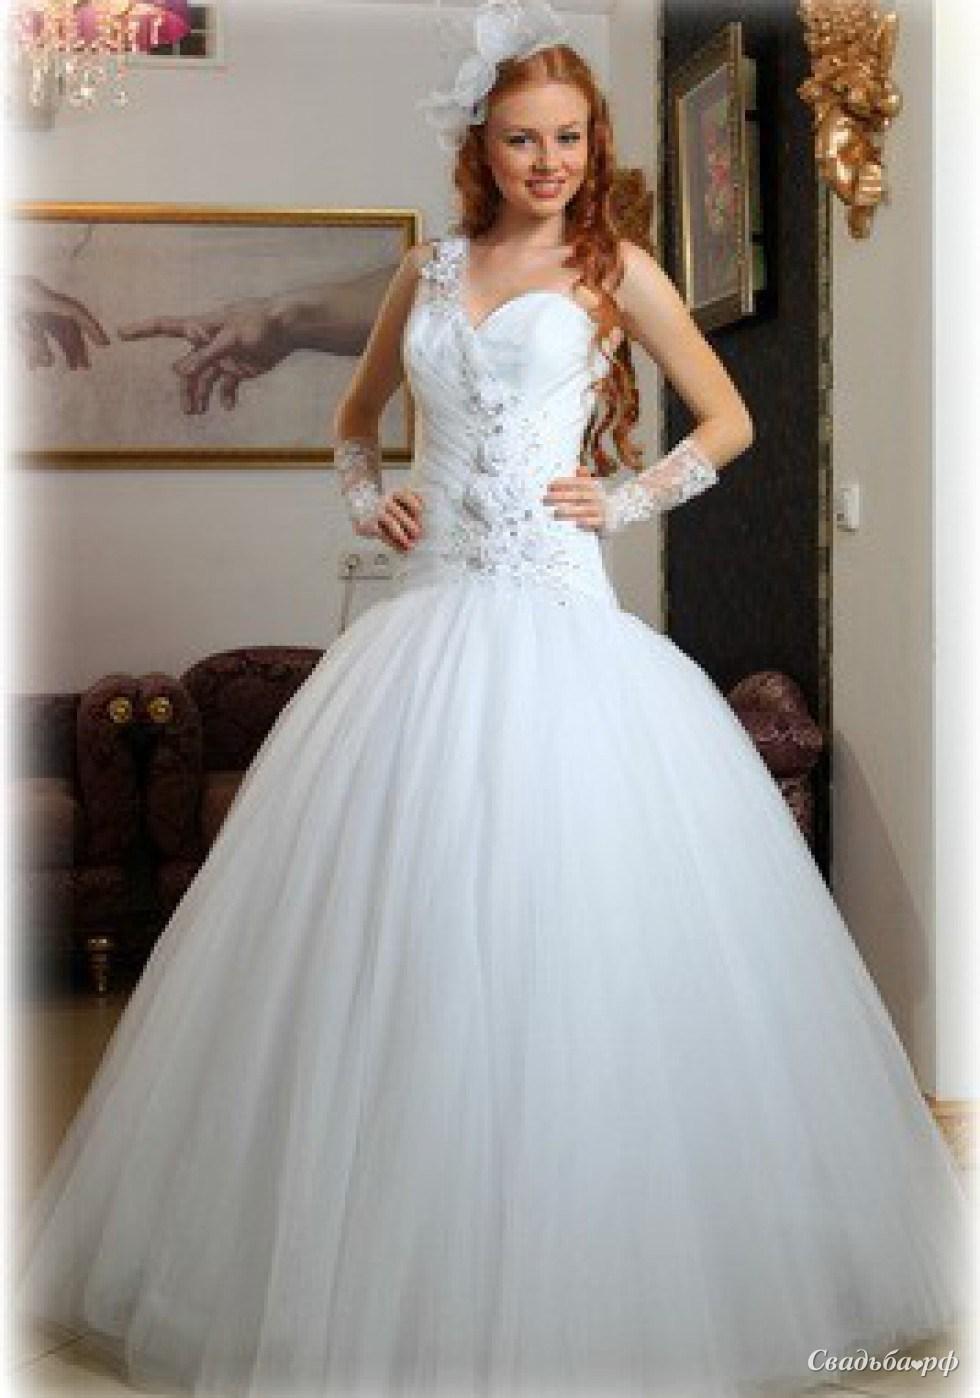 Свадебное платье В961 (Свадебный салон Вивьен бутик): фото, описание, цен..